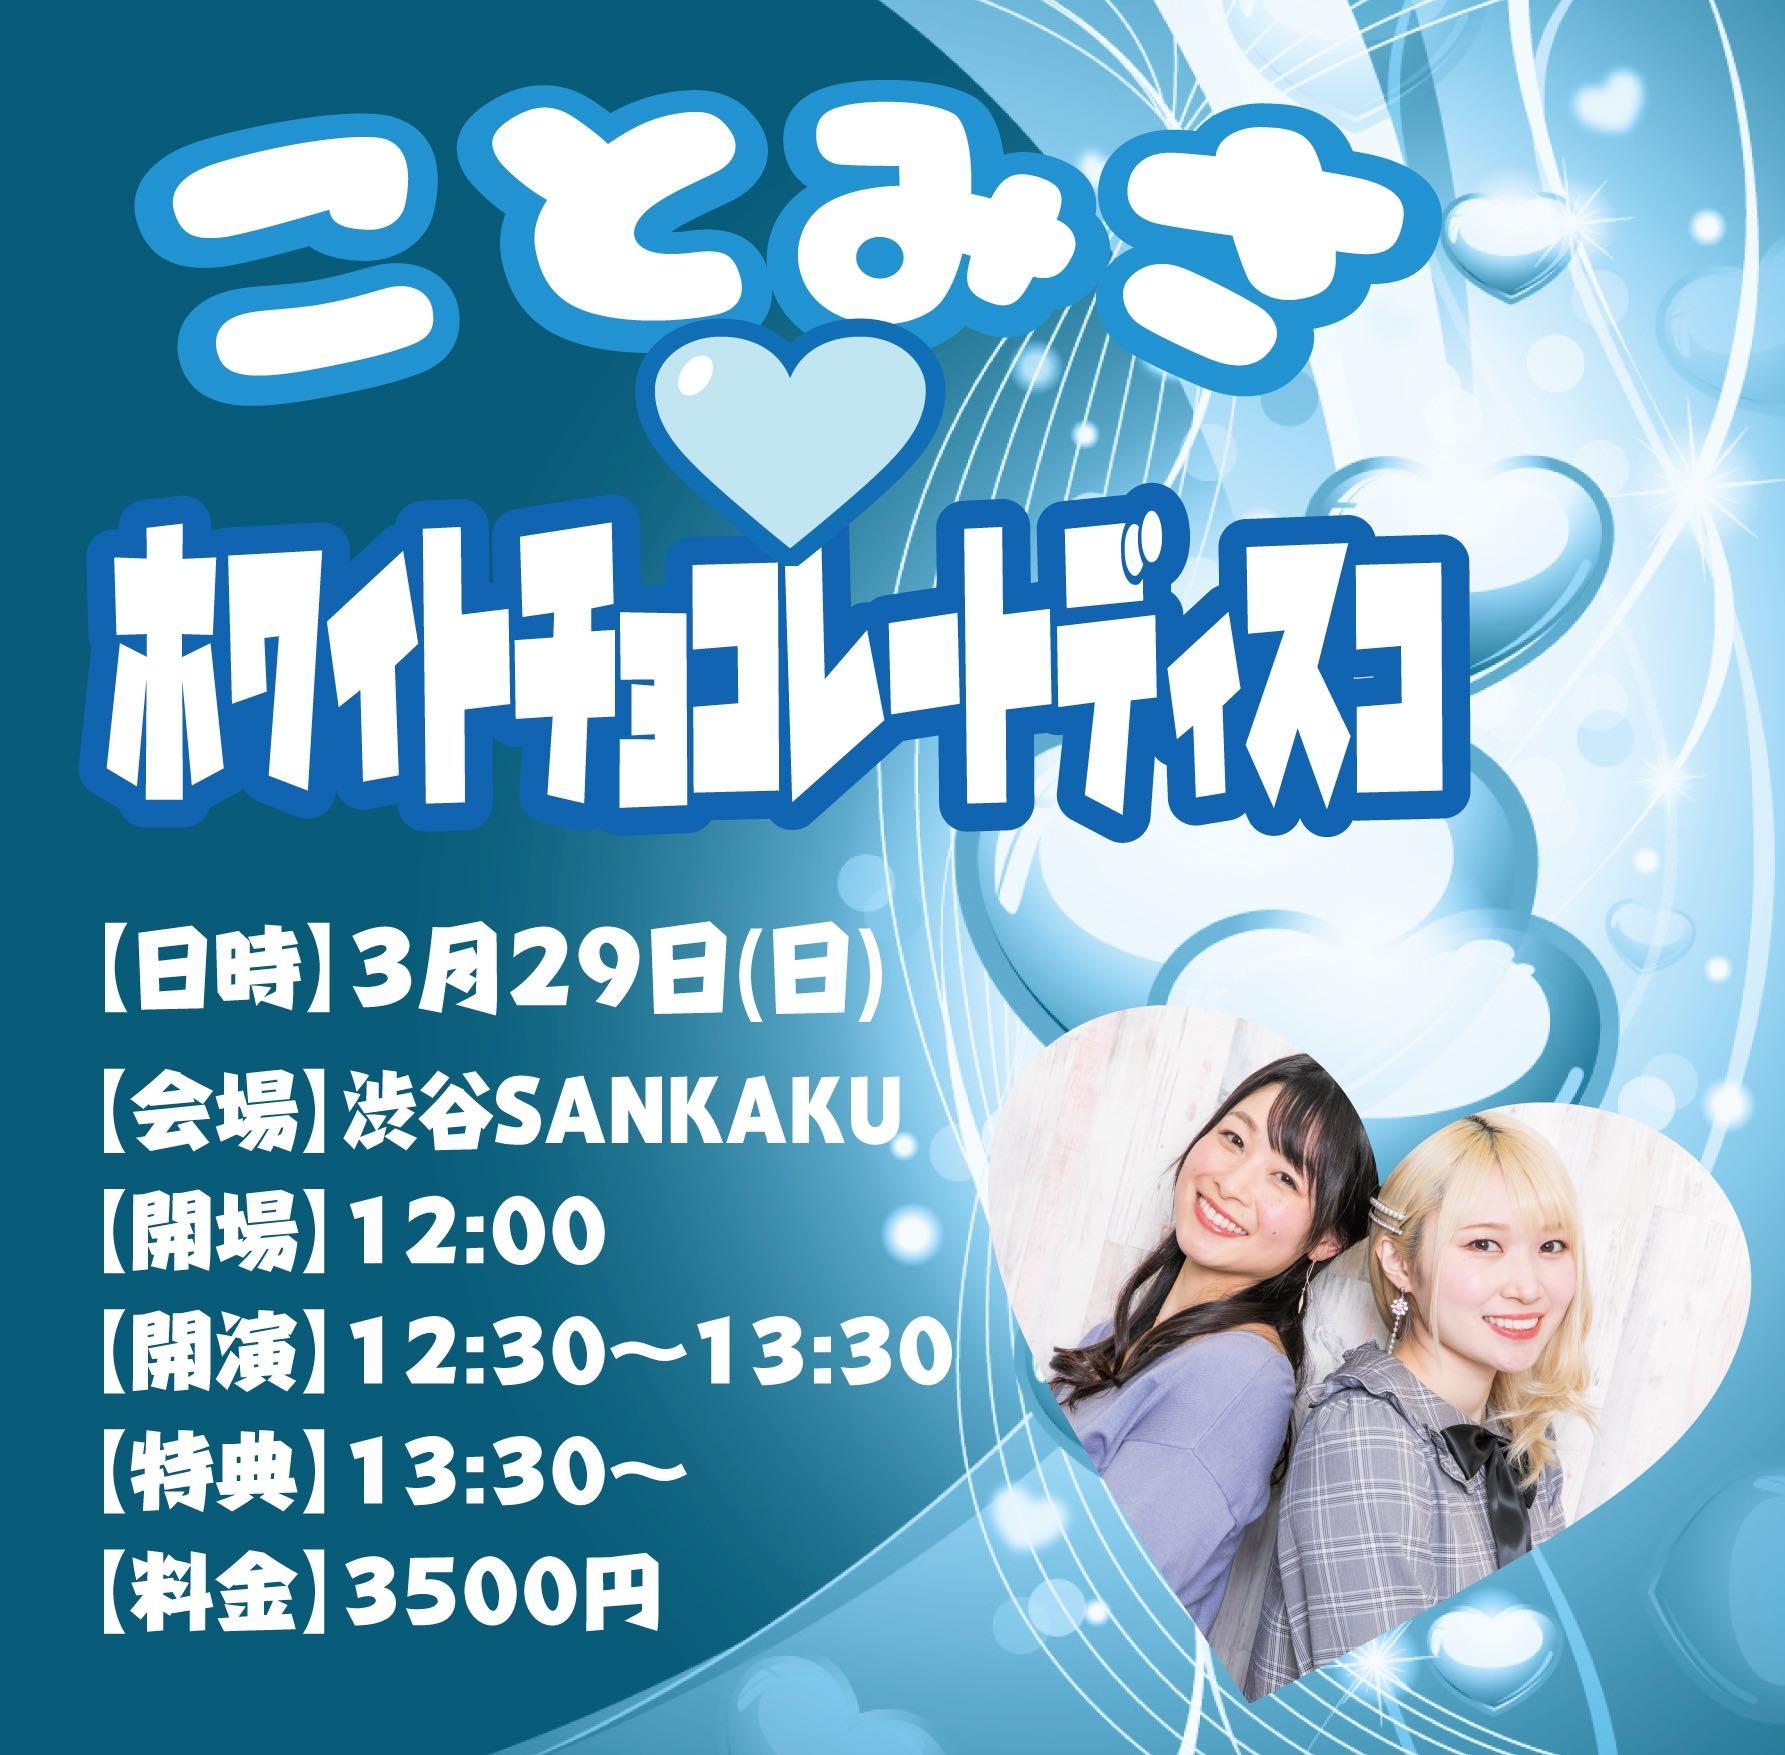 3/29 ことみさ♥ホワイトチョコレートディスコ☆